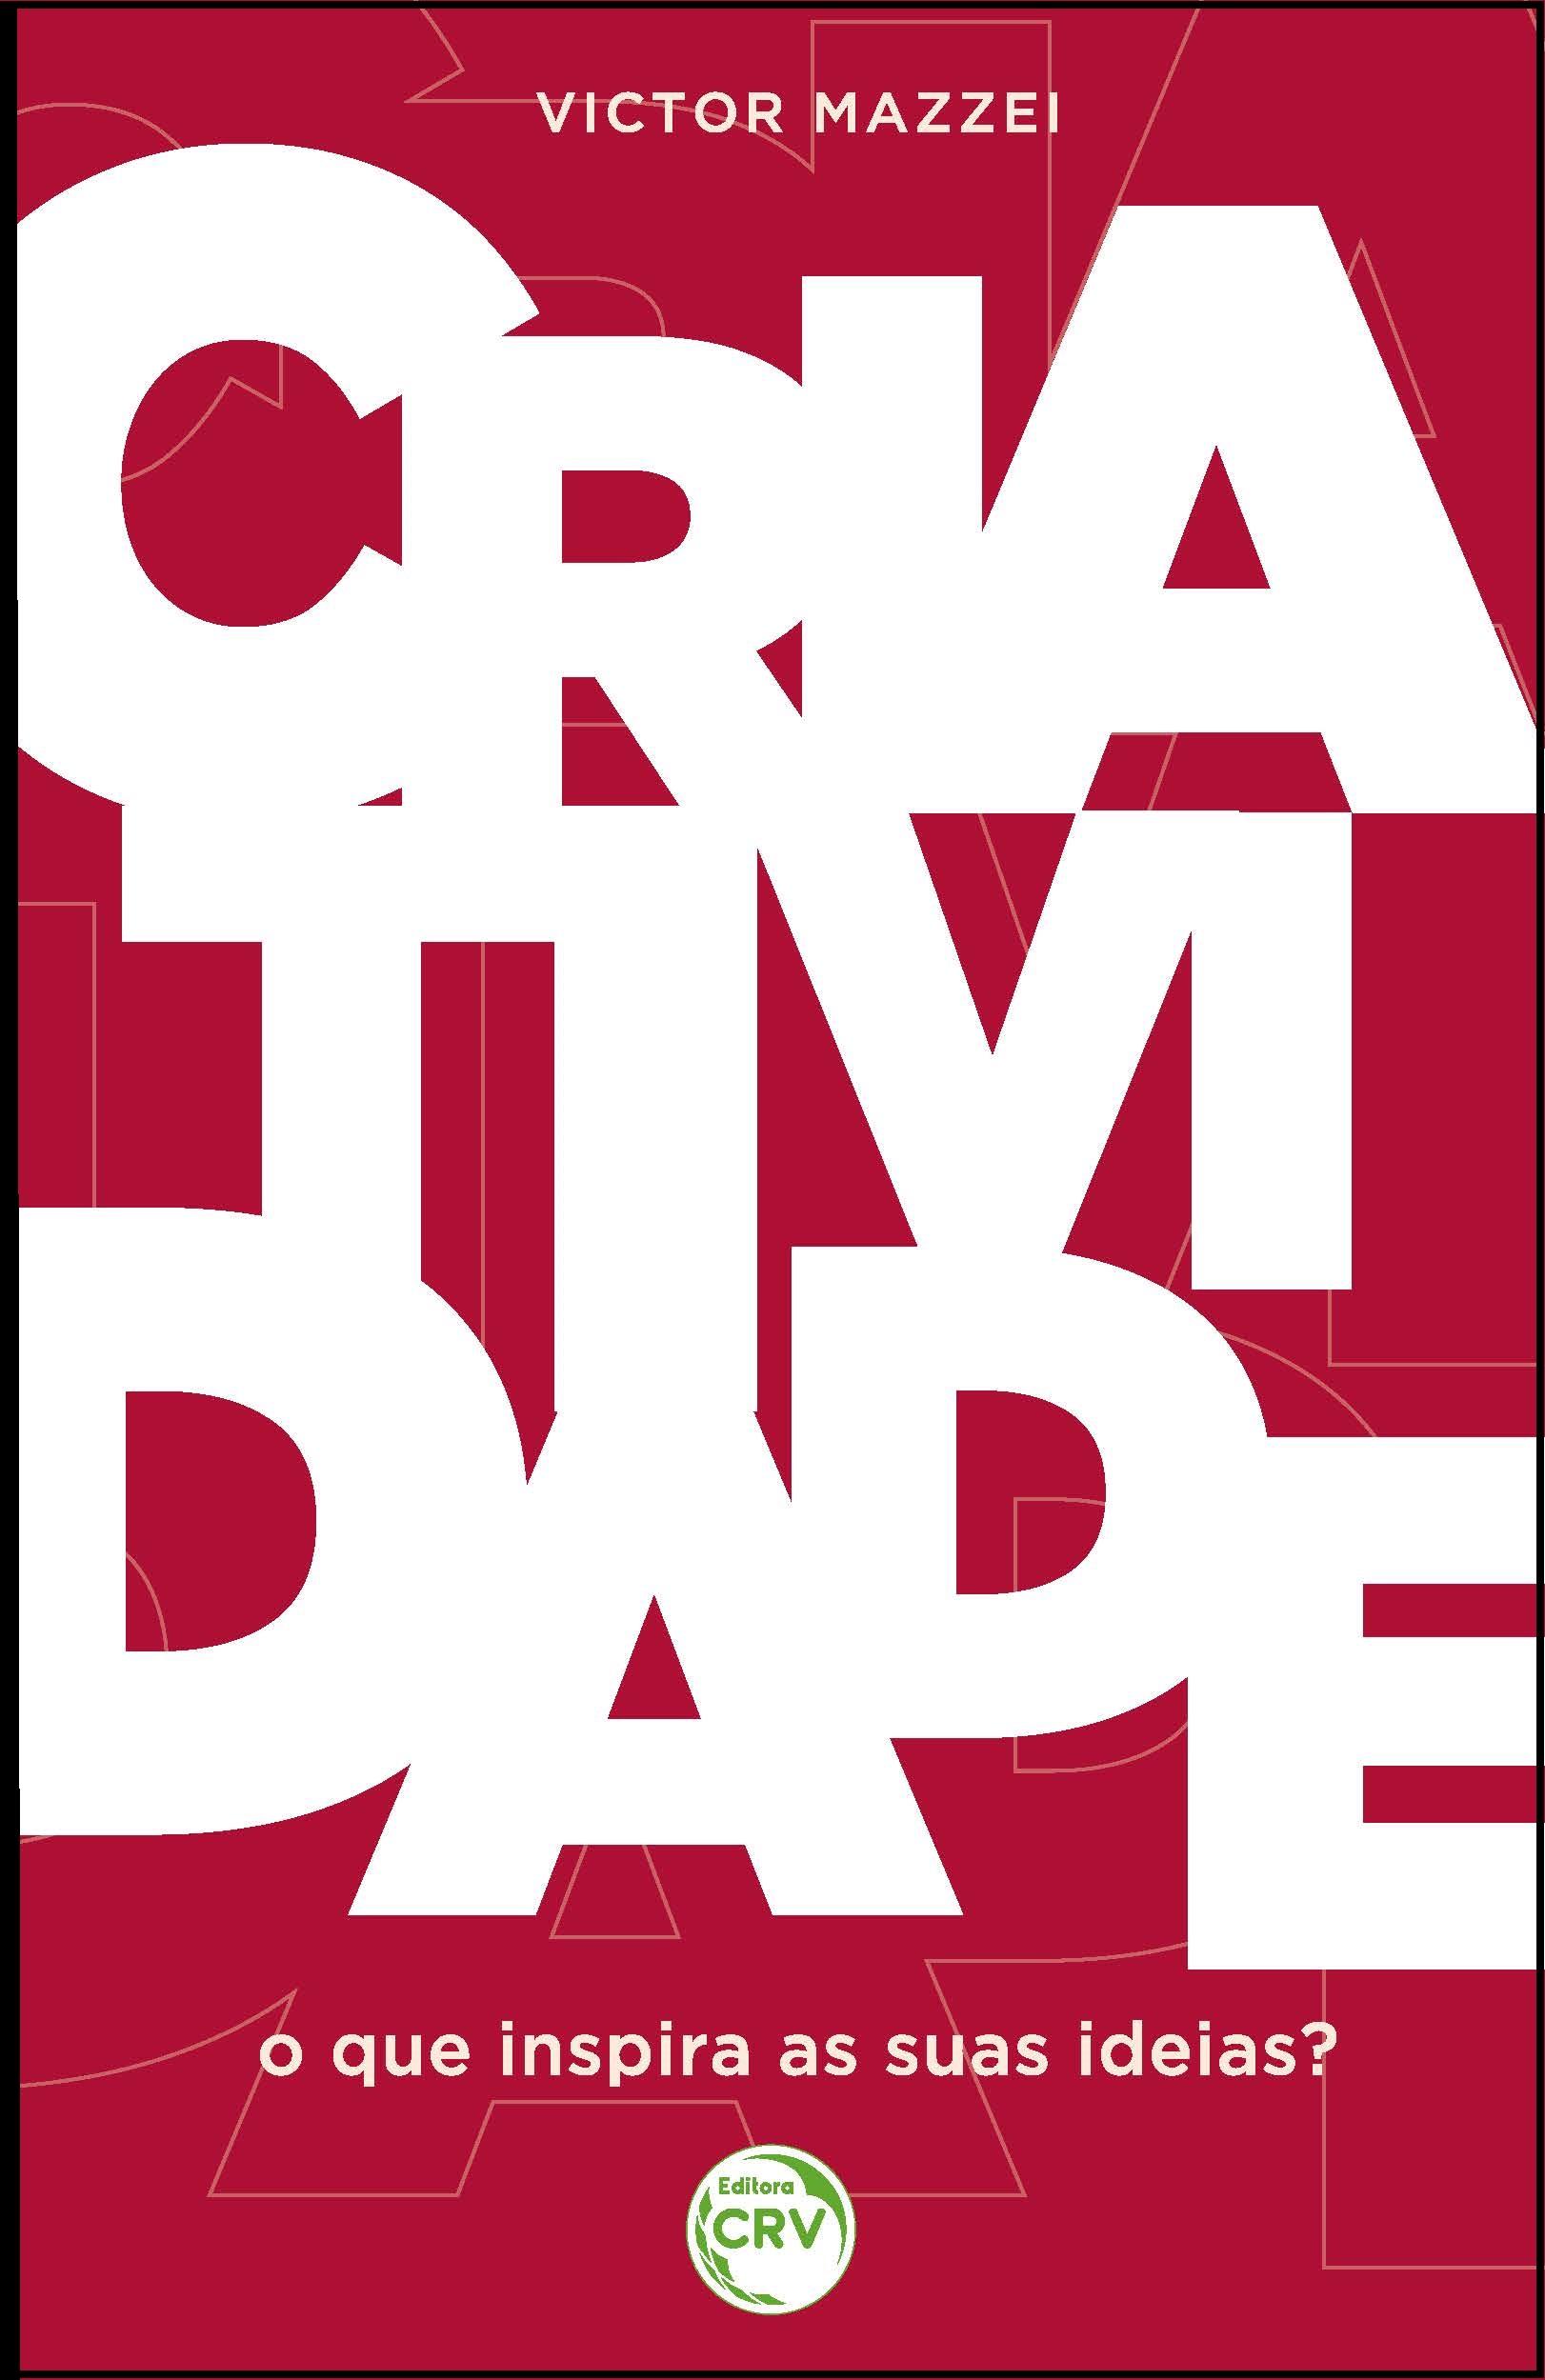 Capa do livro: CRIATIVIDADE:<br>o que inspira suas ideias?